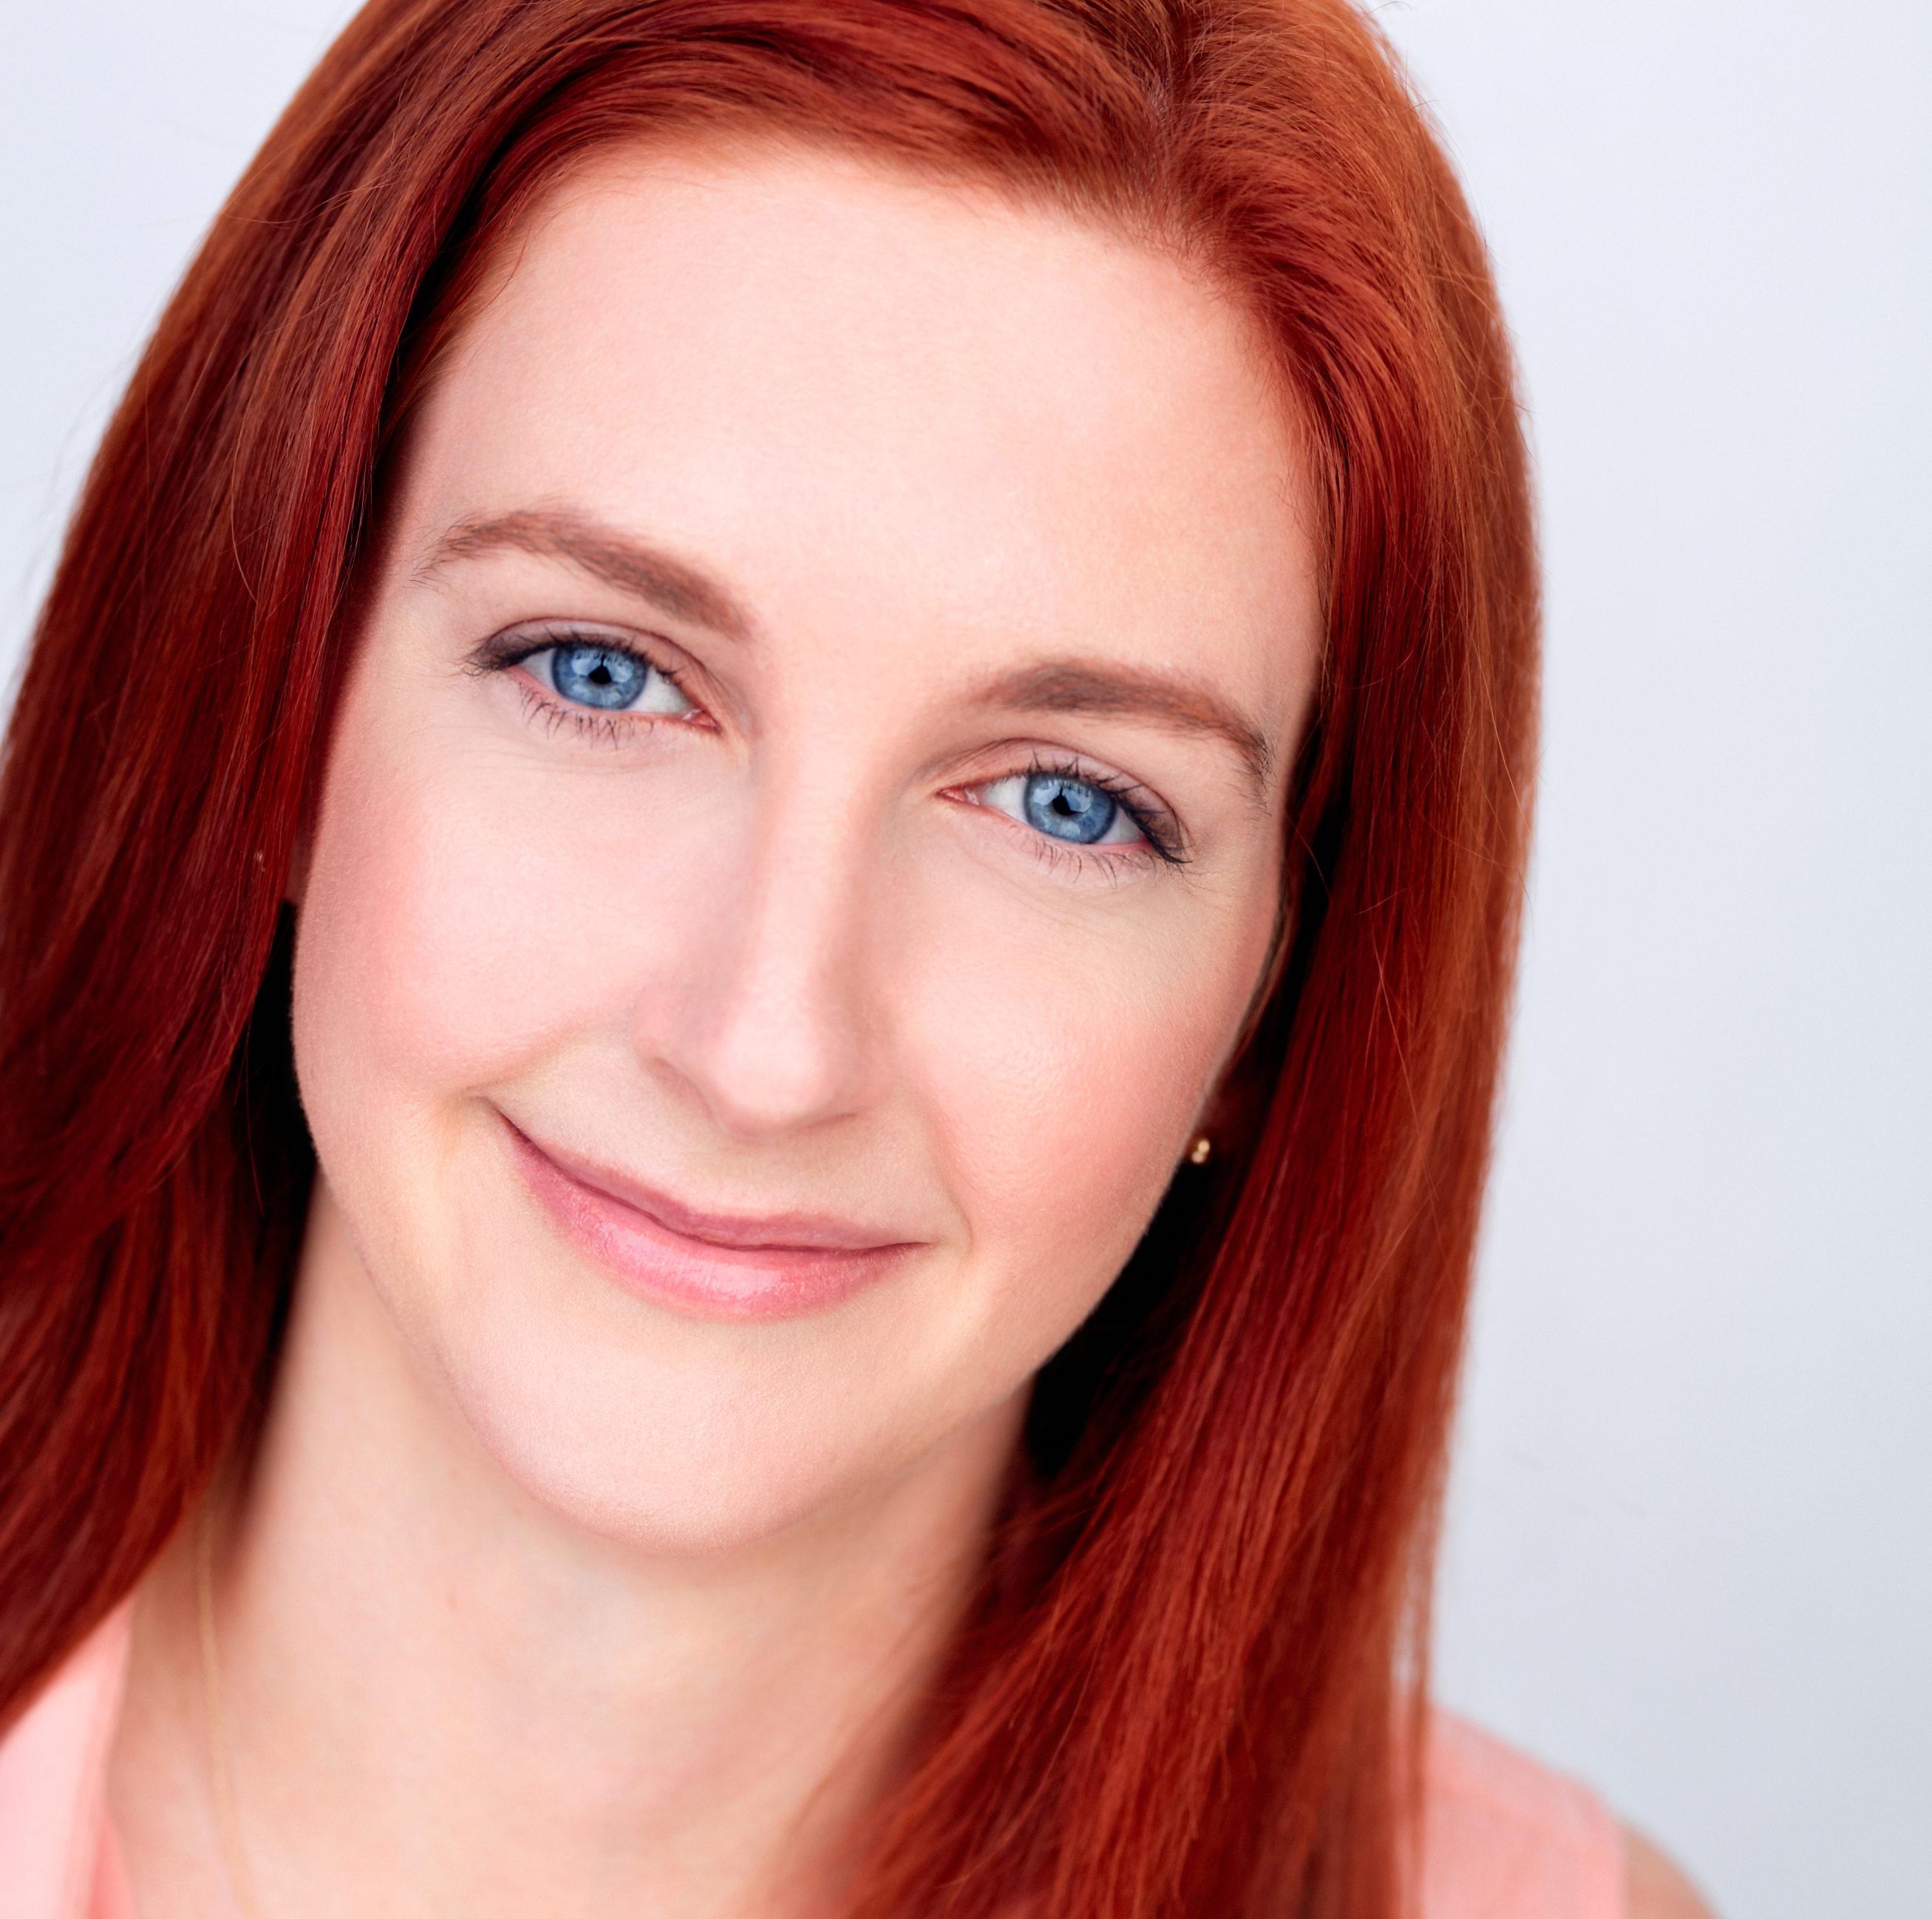 Amanda Rodhe headshot